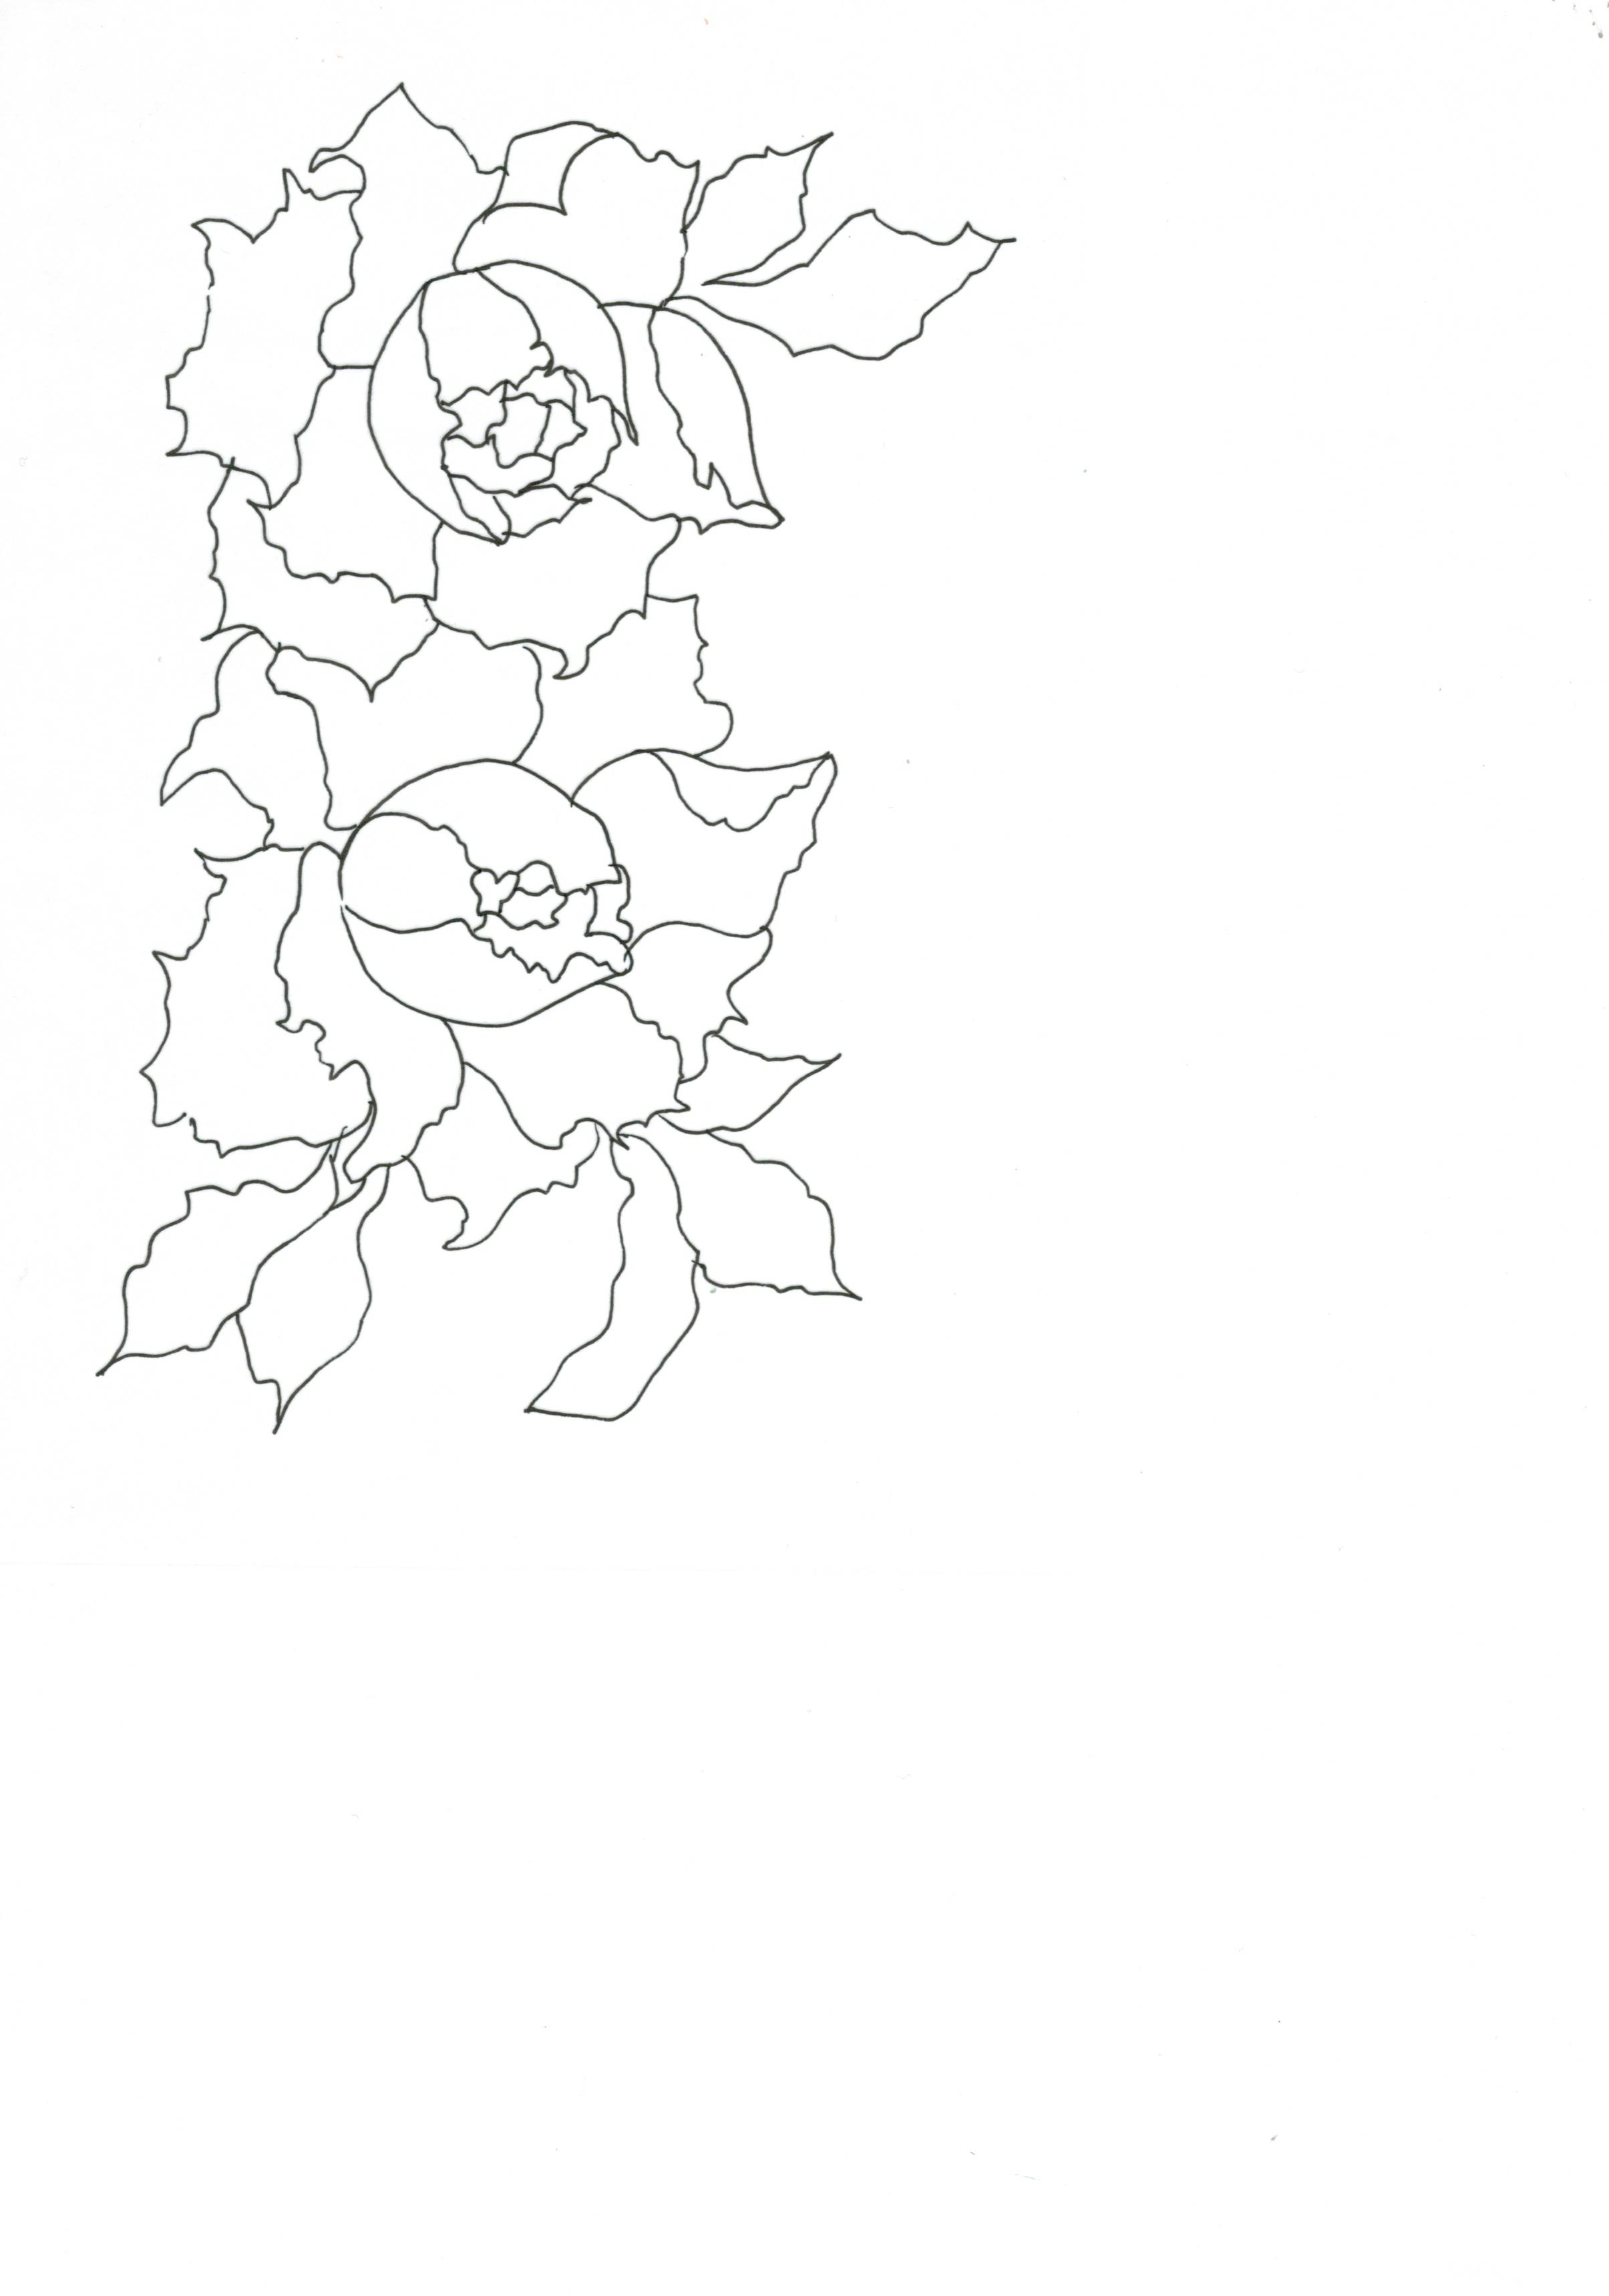 pfingstrose zeichnen blumen zeichnung, zeichnen und malen - natalehle.de - unikate aller art, Design ideen